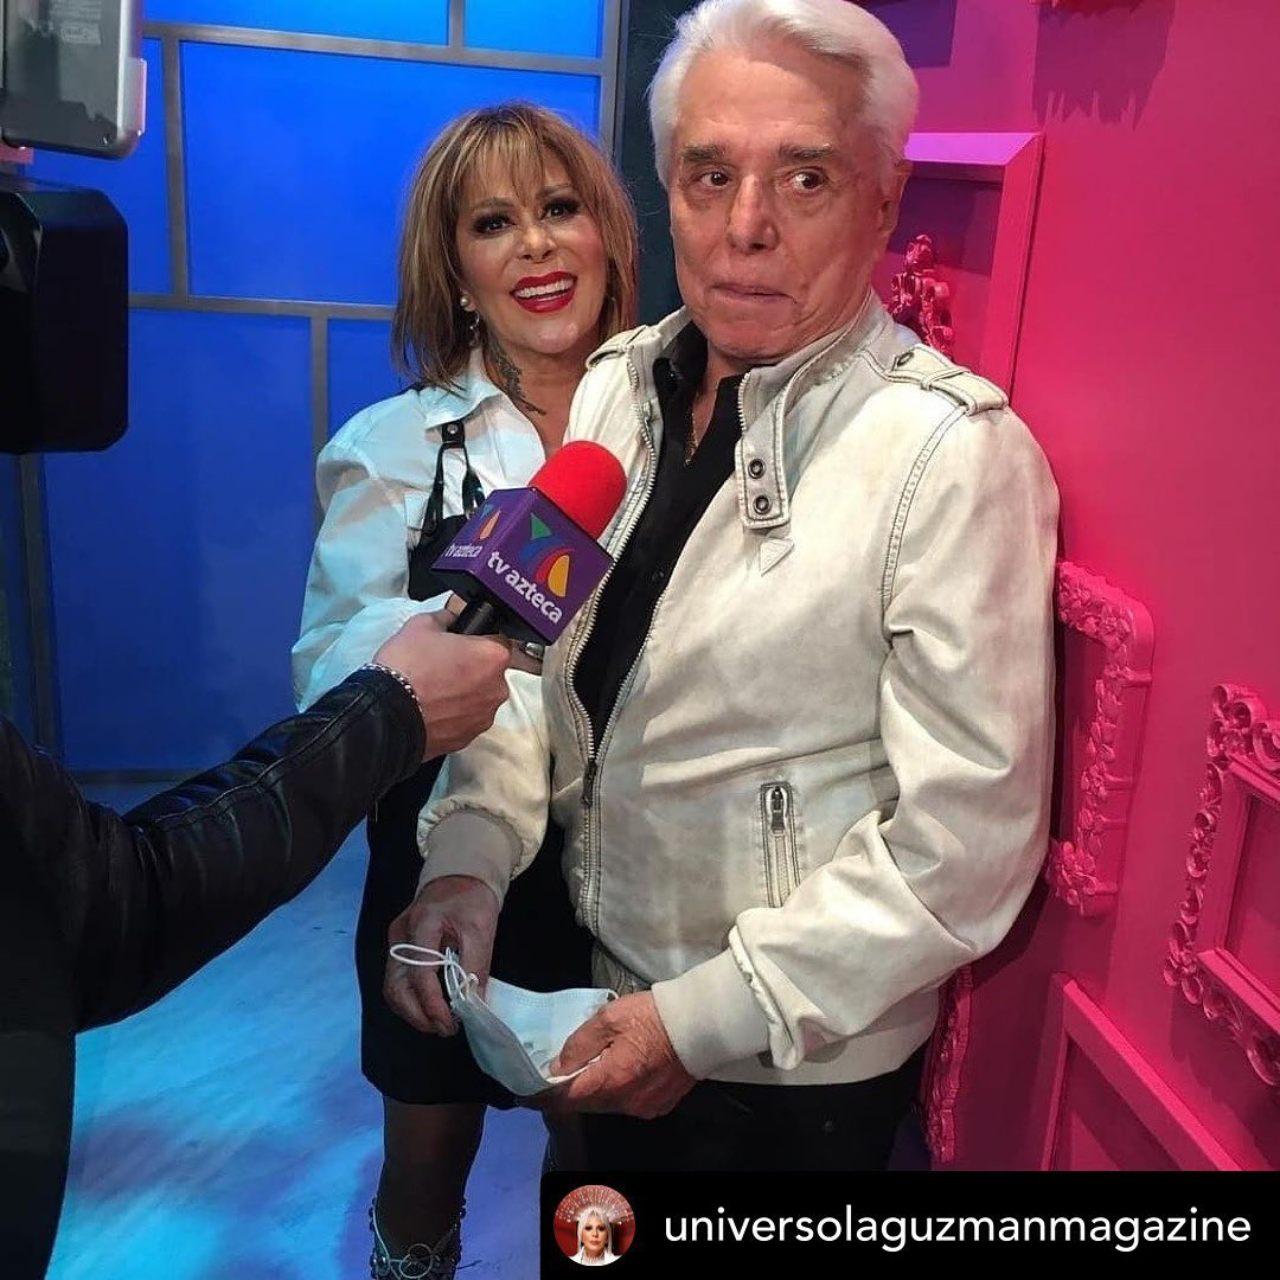 Enrique Guzman y alejandra guzman juntos